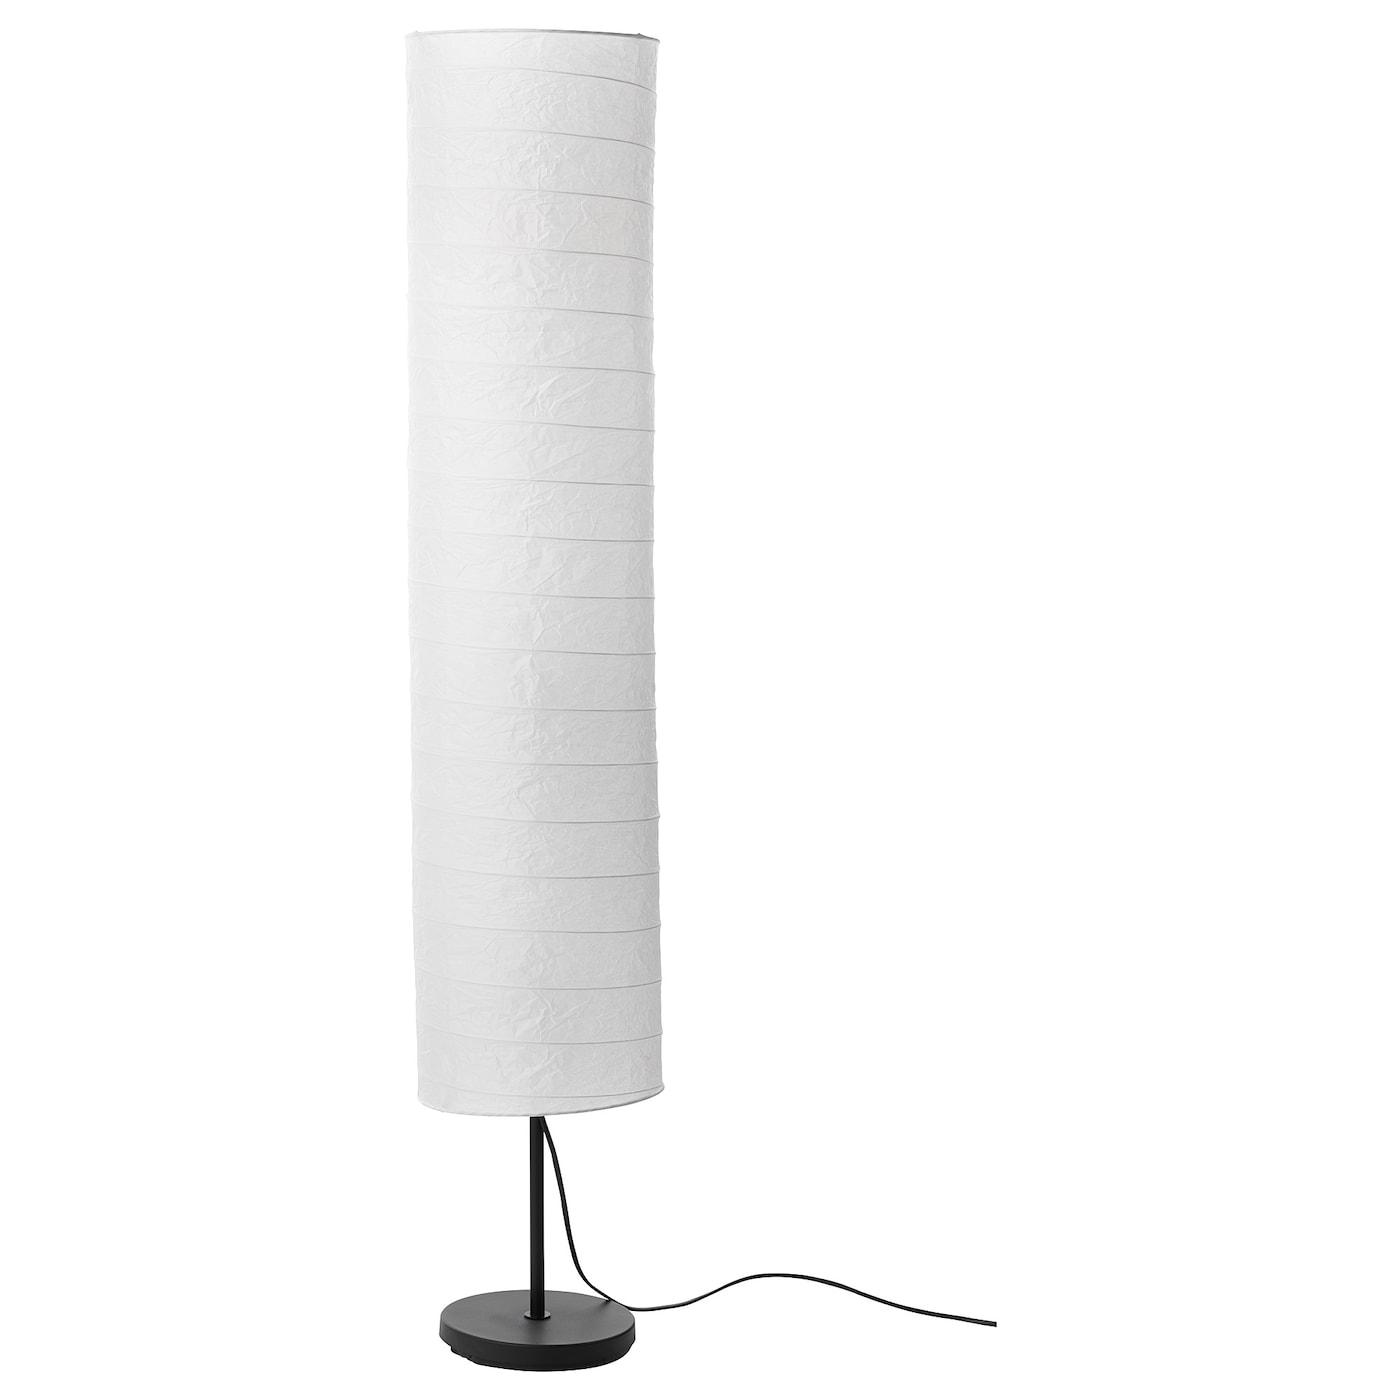 Full Size of Wohnzimmerlampen Ikea Holm Standleuchte Wei Deutschland Küche Kosten Sofa Mit Schlaffunktion Betten Bei Modulküche 160x200 Kaufen Miniküche Wohnzimmer Wohnzimmerlampen Ikea